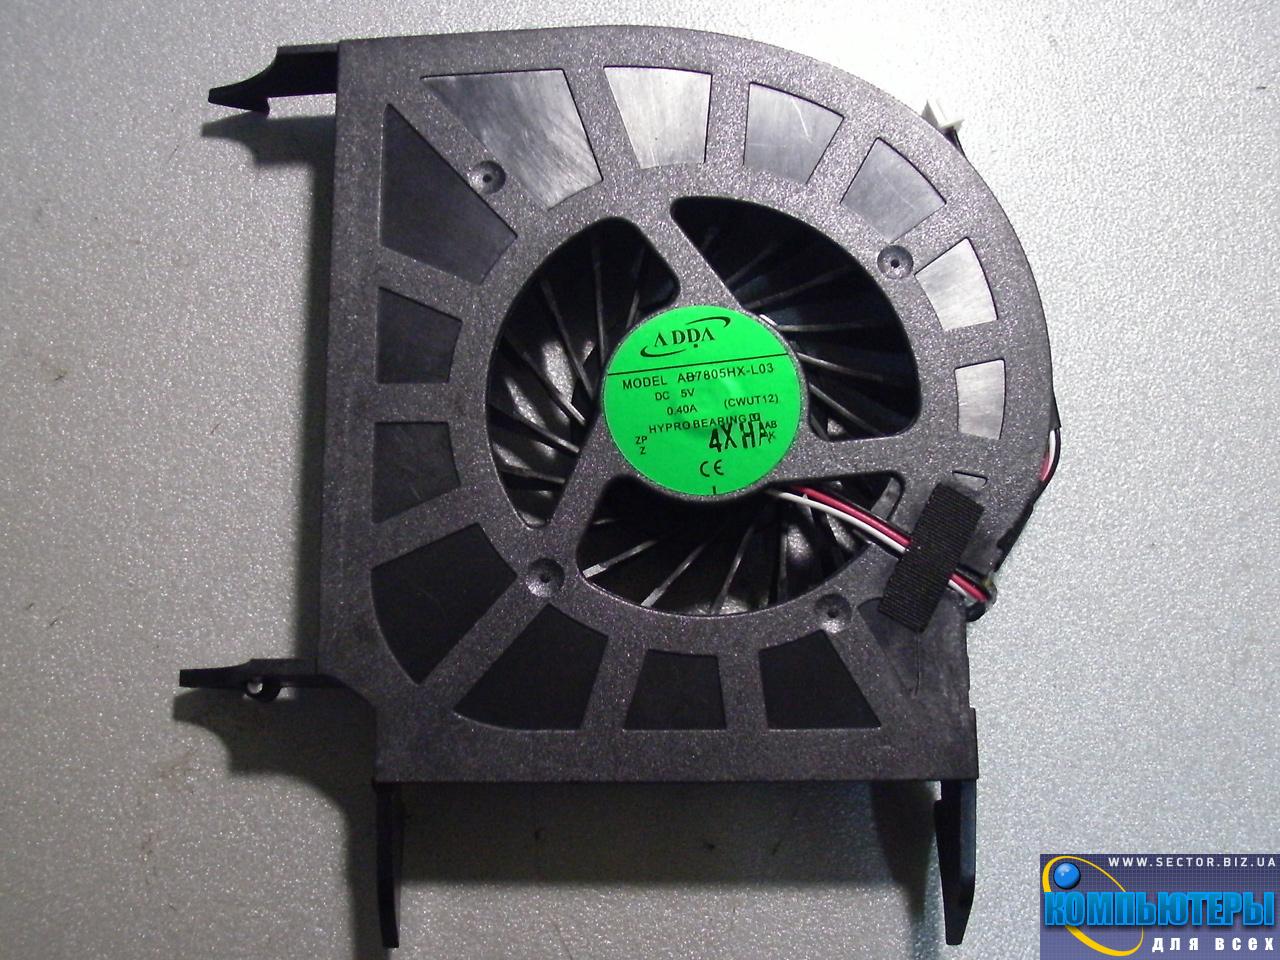 Кулер к ноутбуку HP Pavilion DV6-1000 DV6-1100 DV6-1200 DV6-2000 DV6-2100 DV6-2200 DV6 DV6T DV6Z p/n: AB7805HX-L03. Фото № 4.